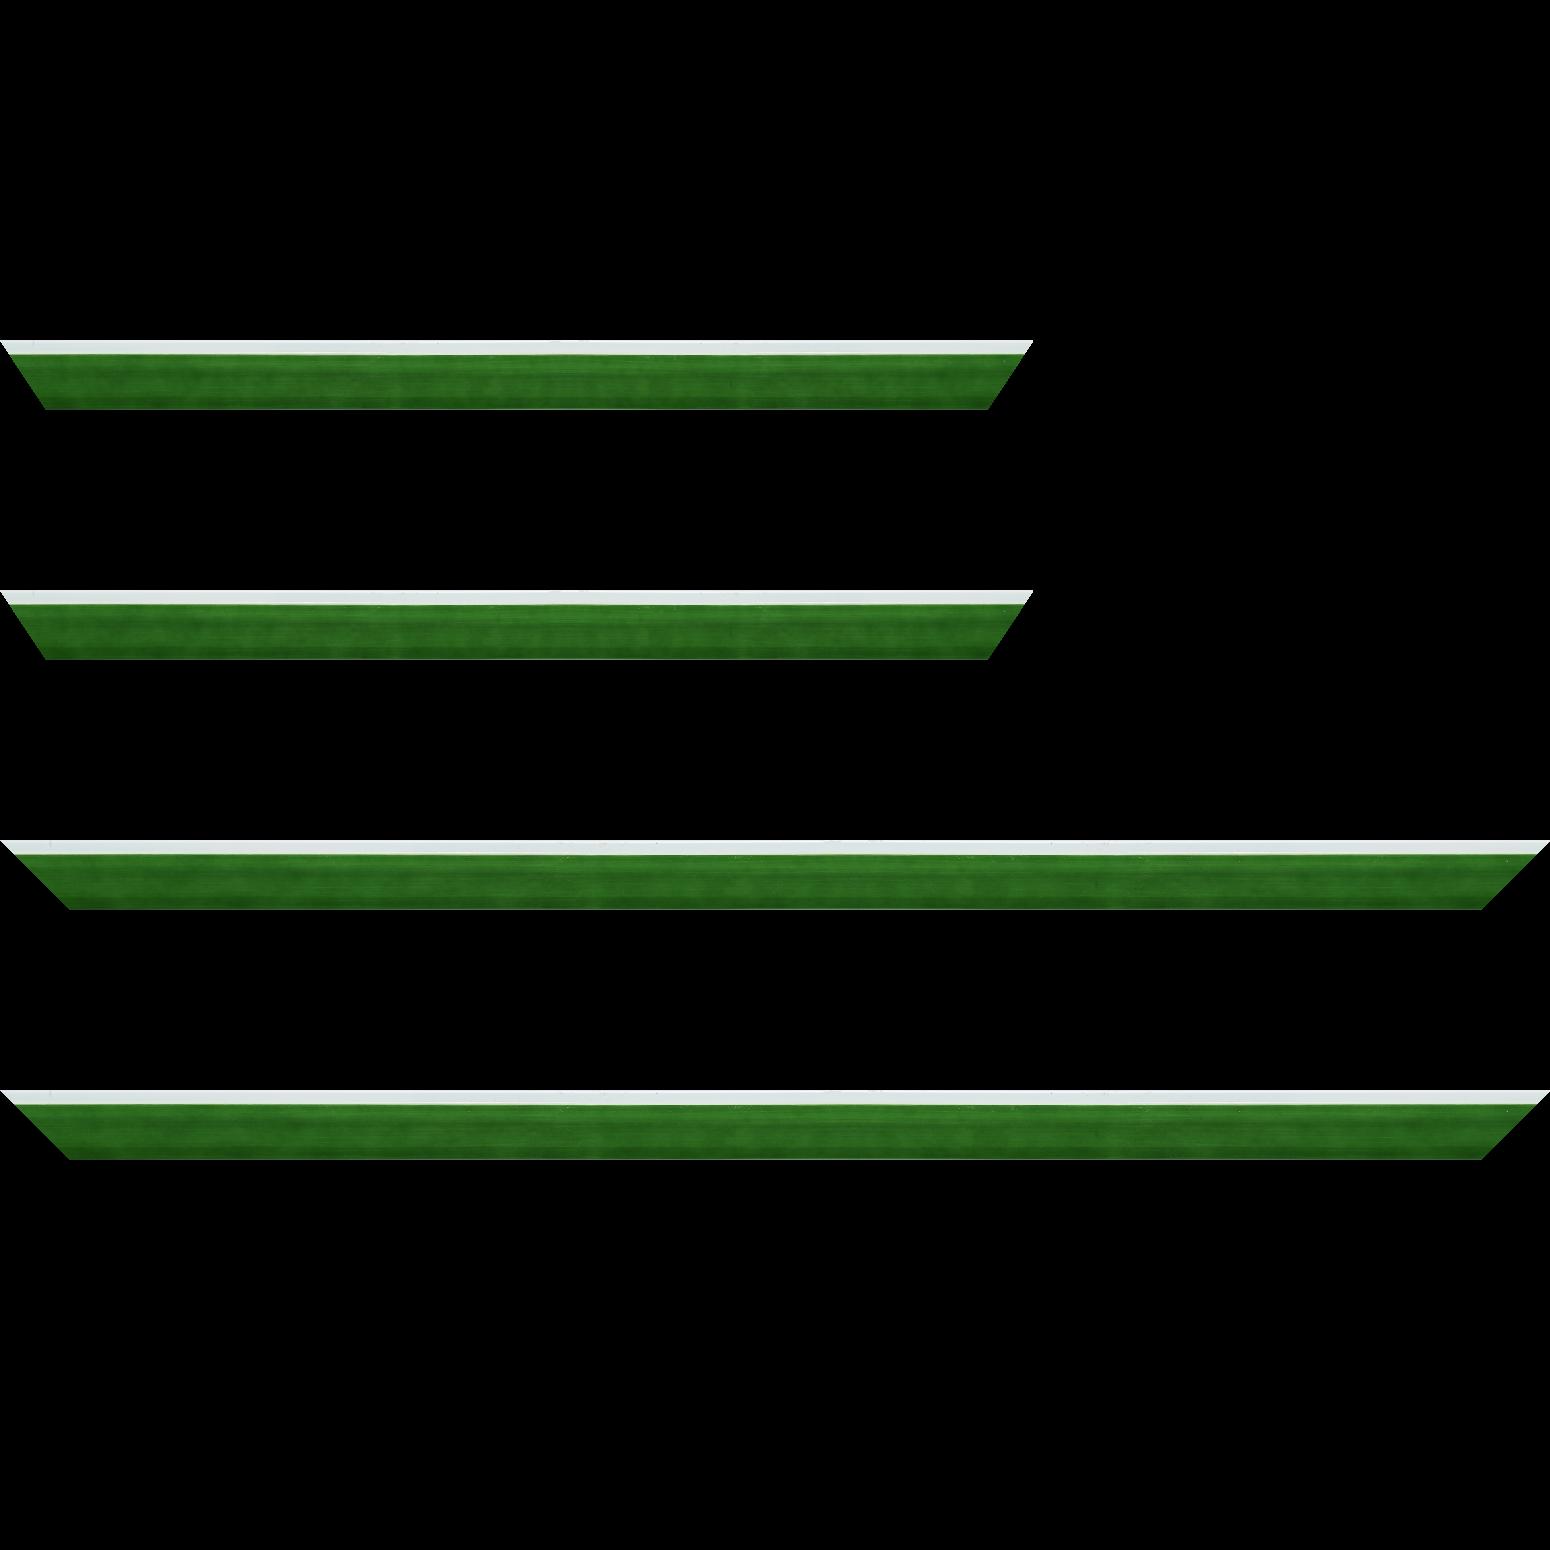 Baguette service précoupé Bois profil en pente plongeant largeur 2.2cm couleur vert laqué filet extérieur blanc laqué